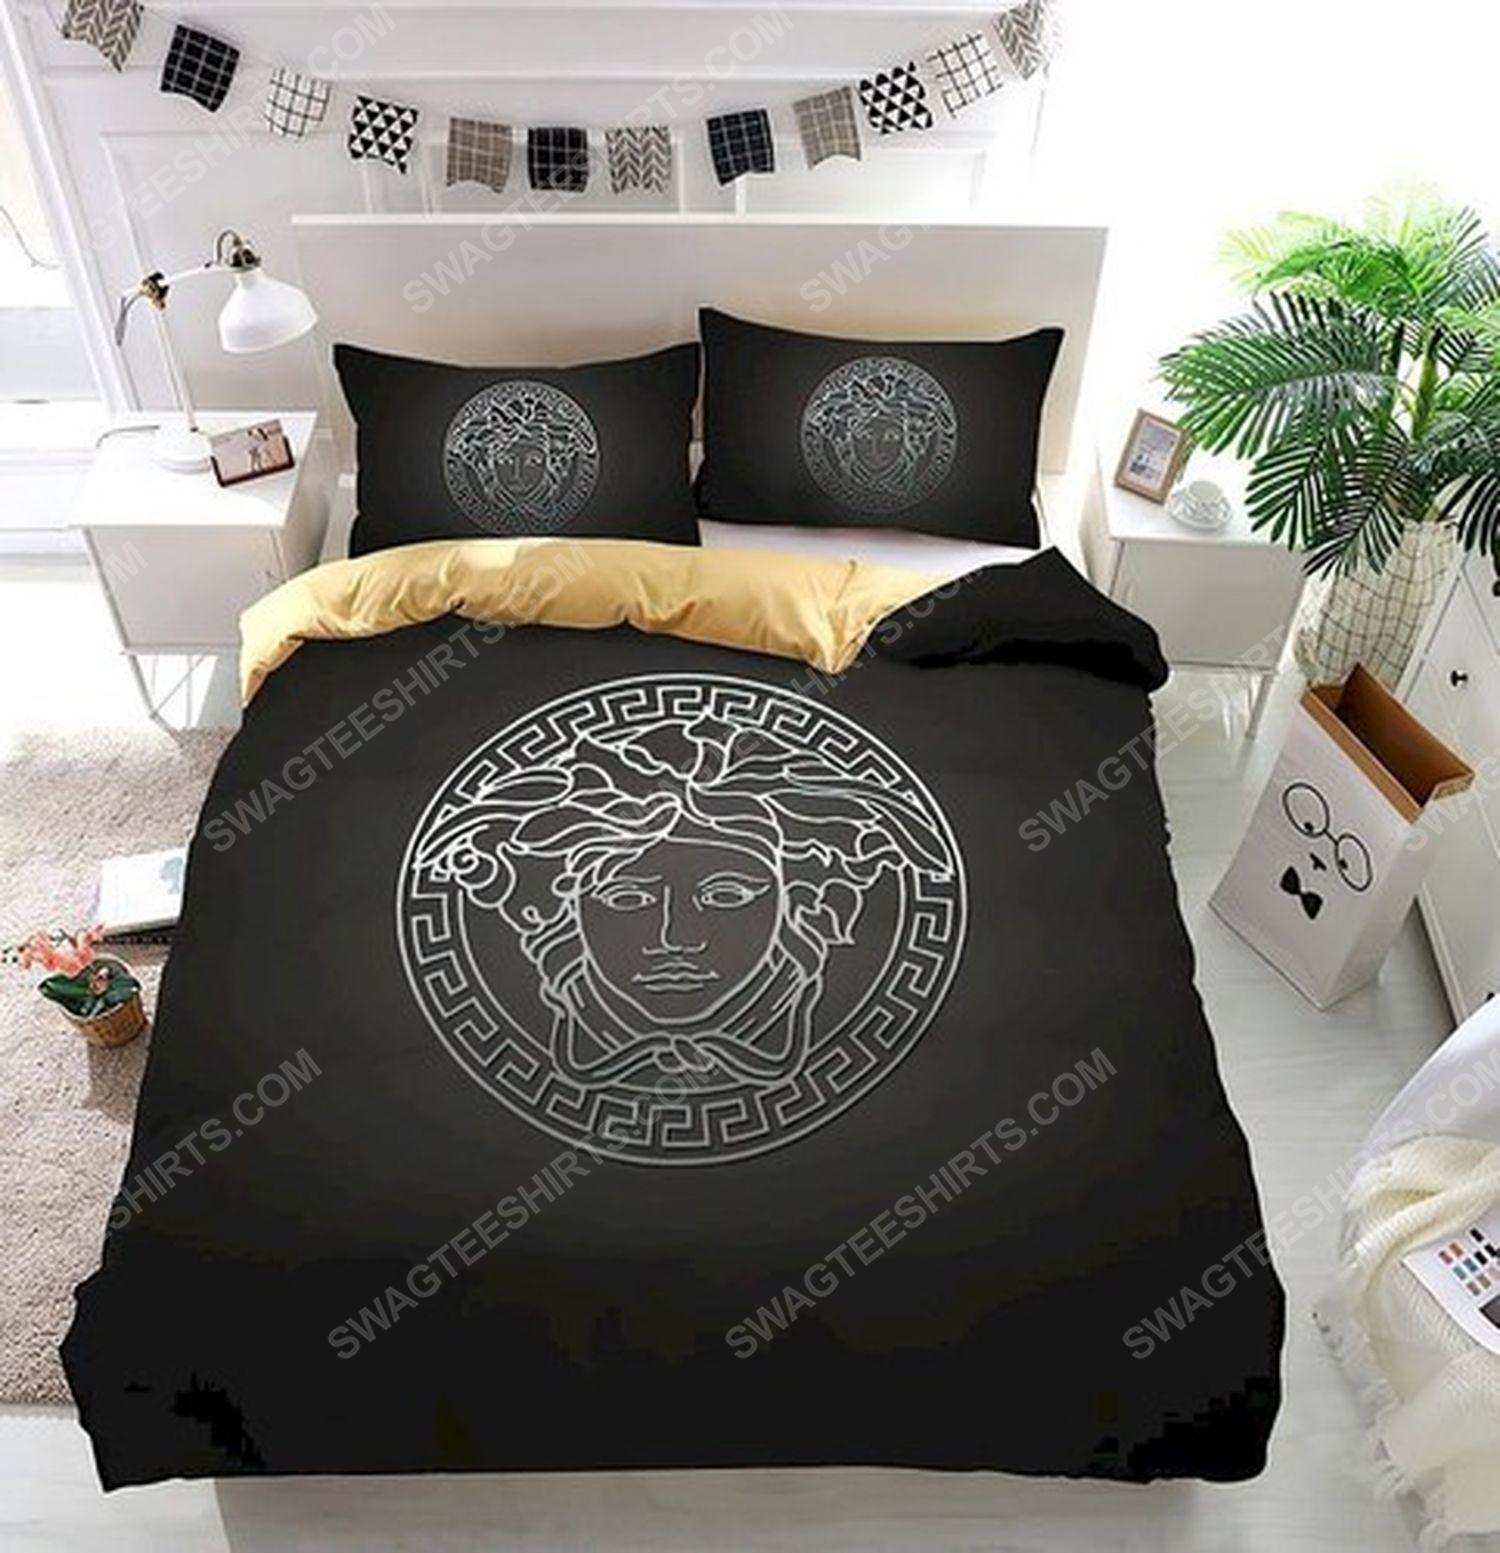 Versace home black version full print duvet cover bedding set 3